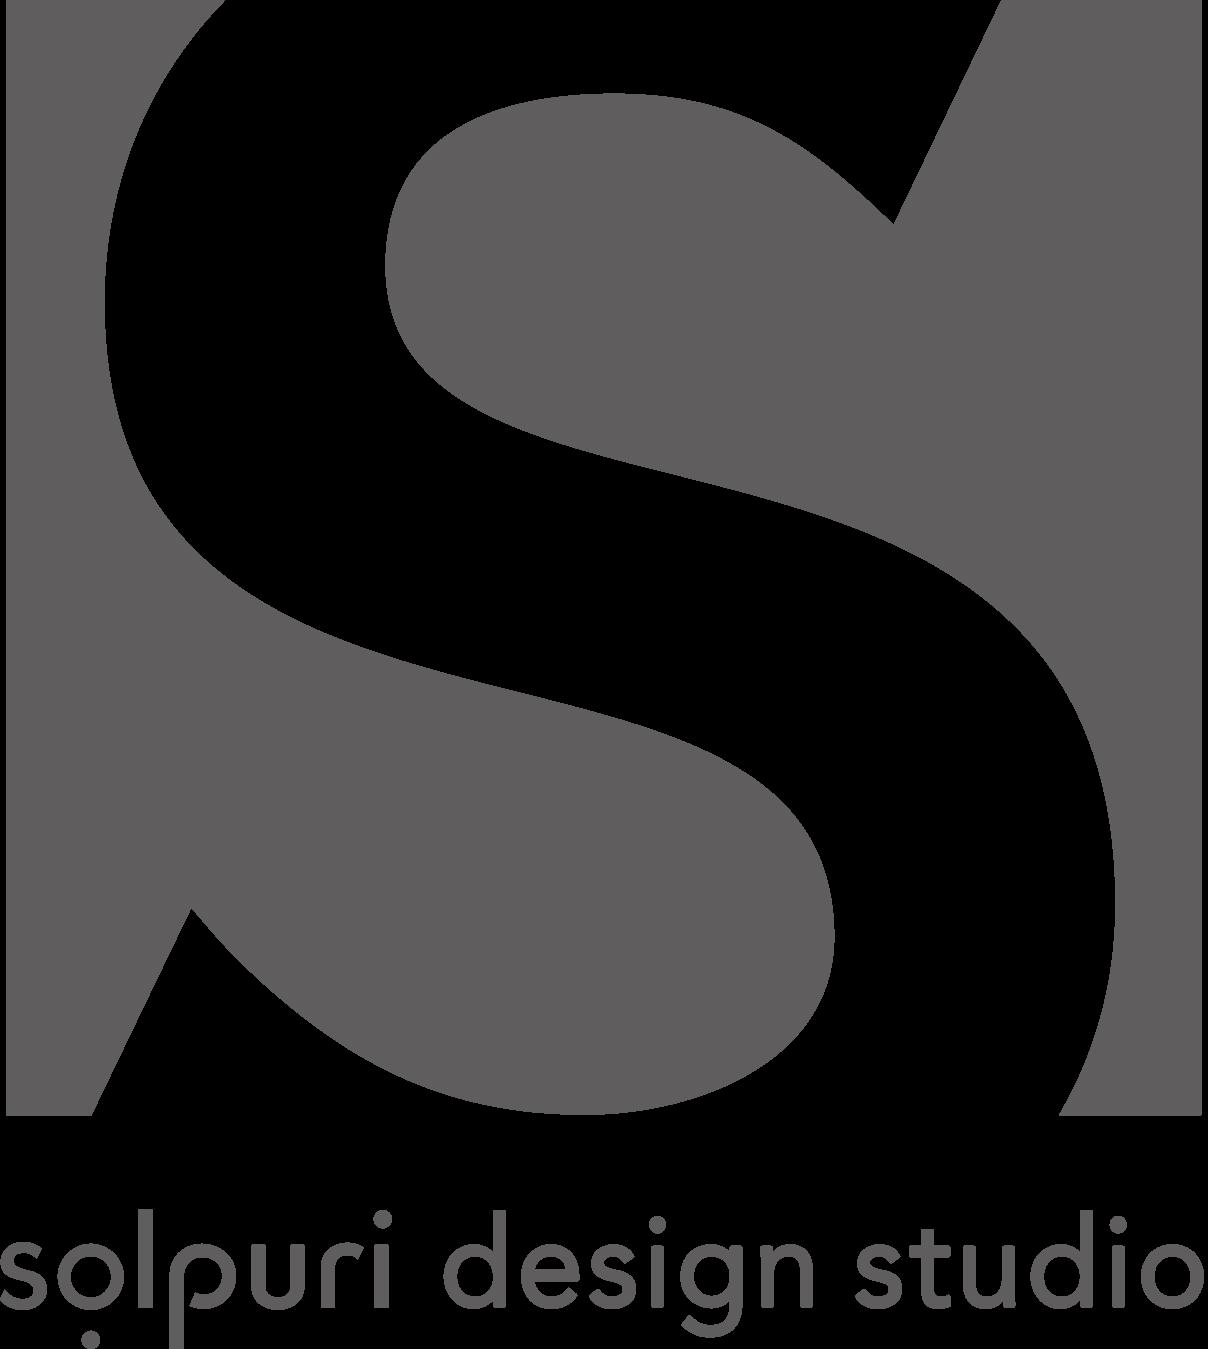 sopuri-designstudio